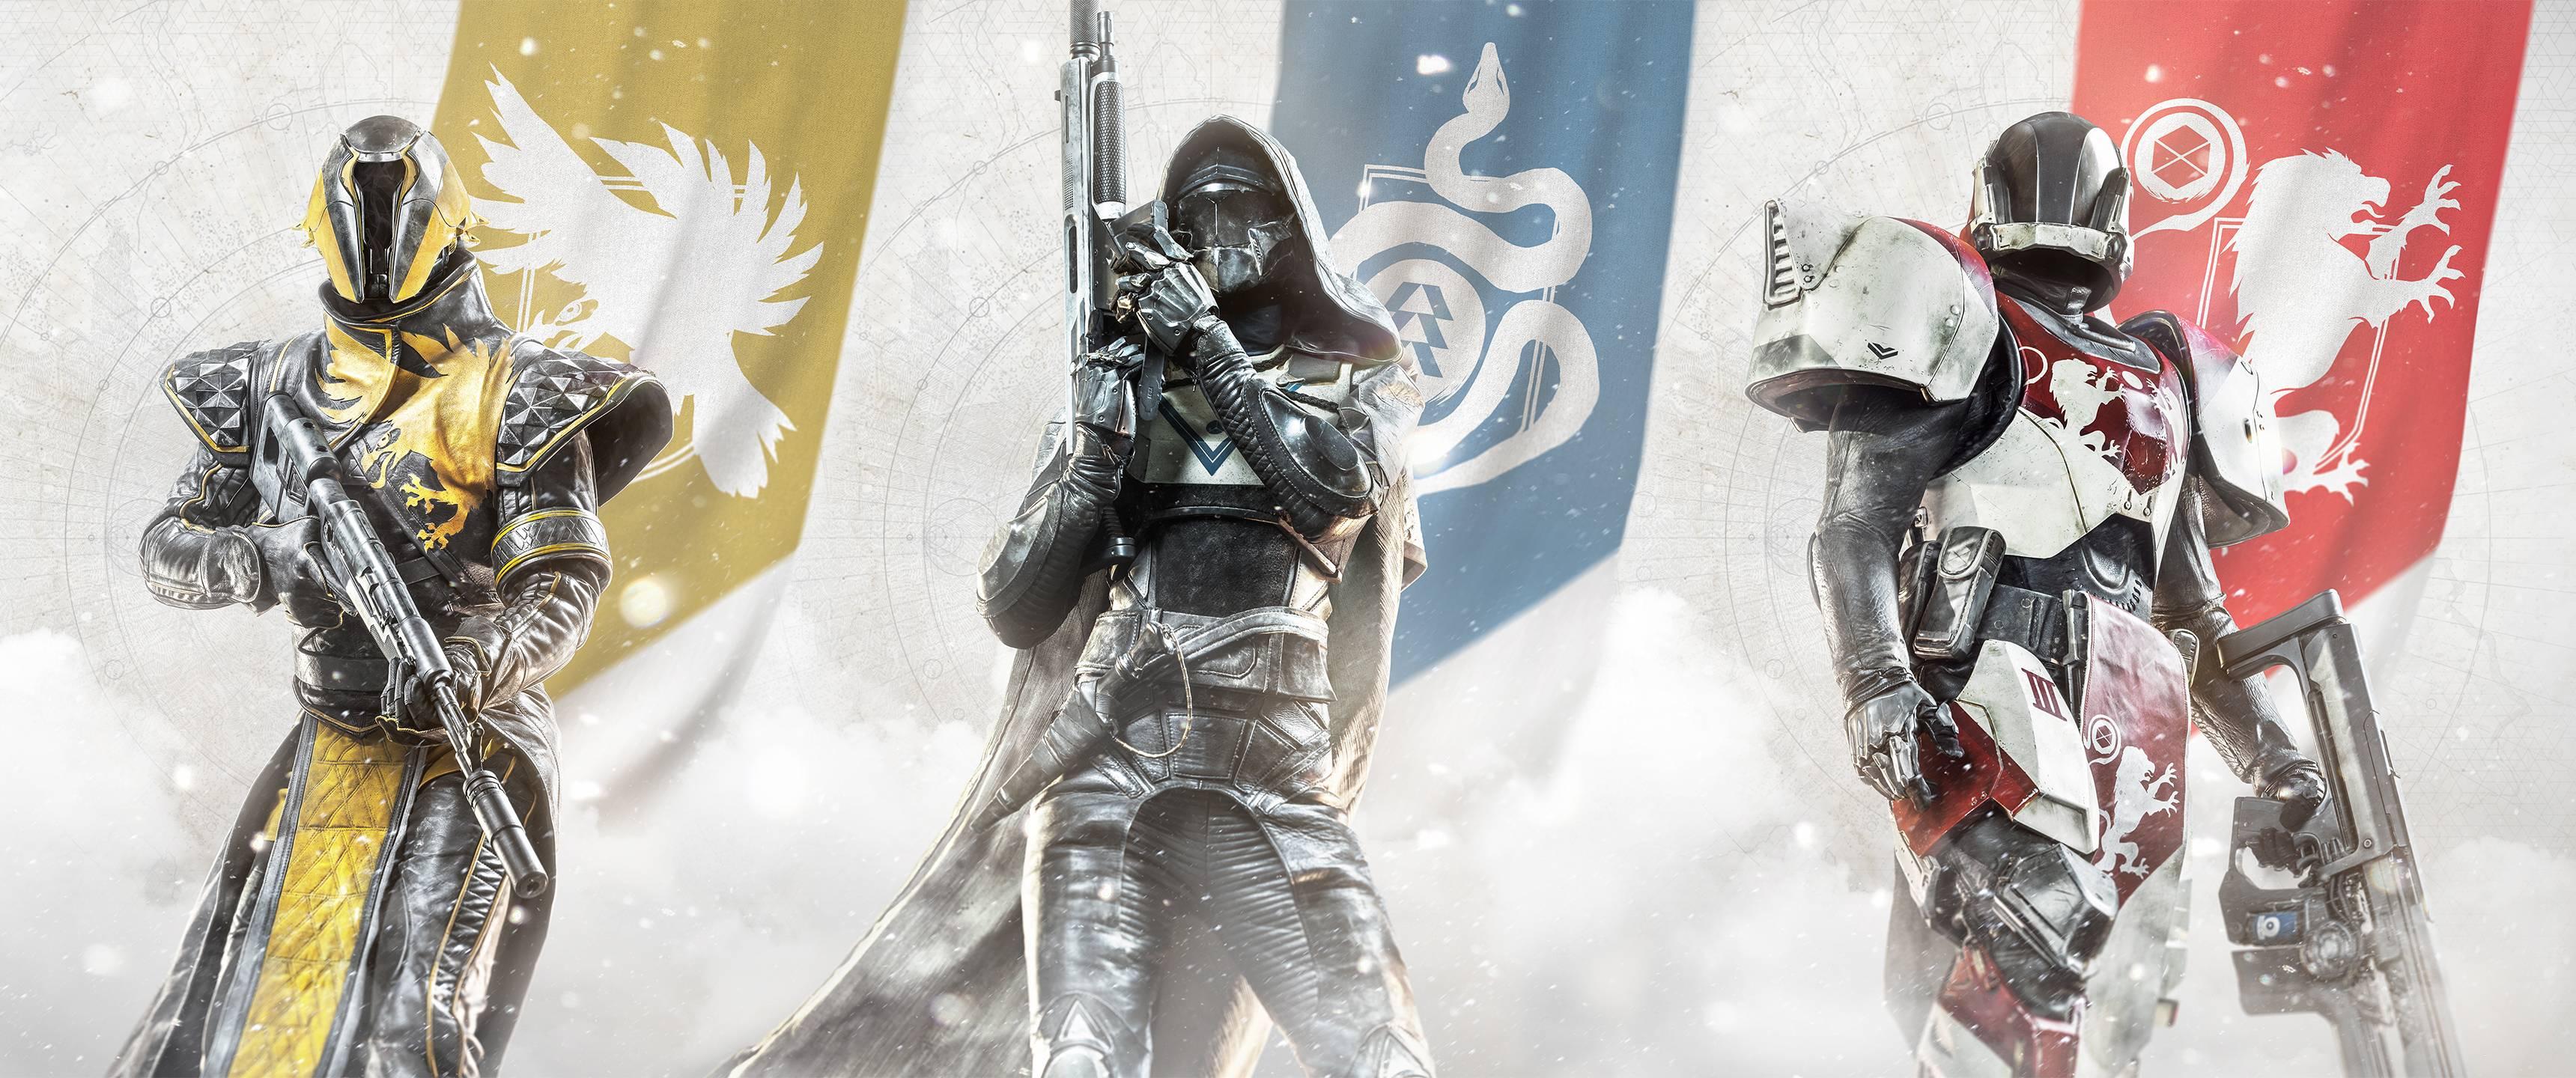 Destiny 2 Warlock Hunter And Titan 3440x1440 Wallpaper Teahub Io